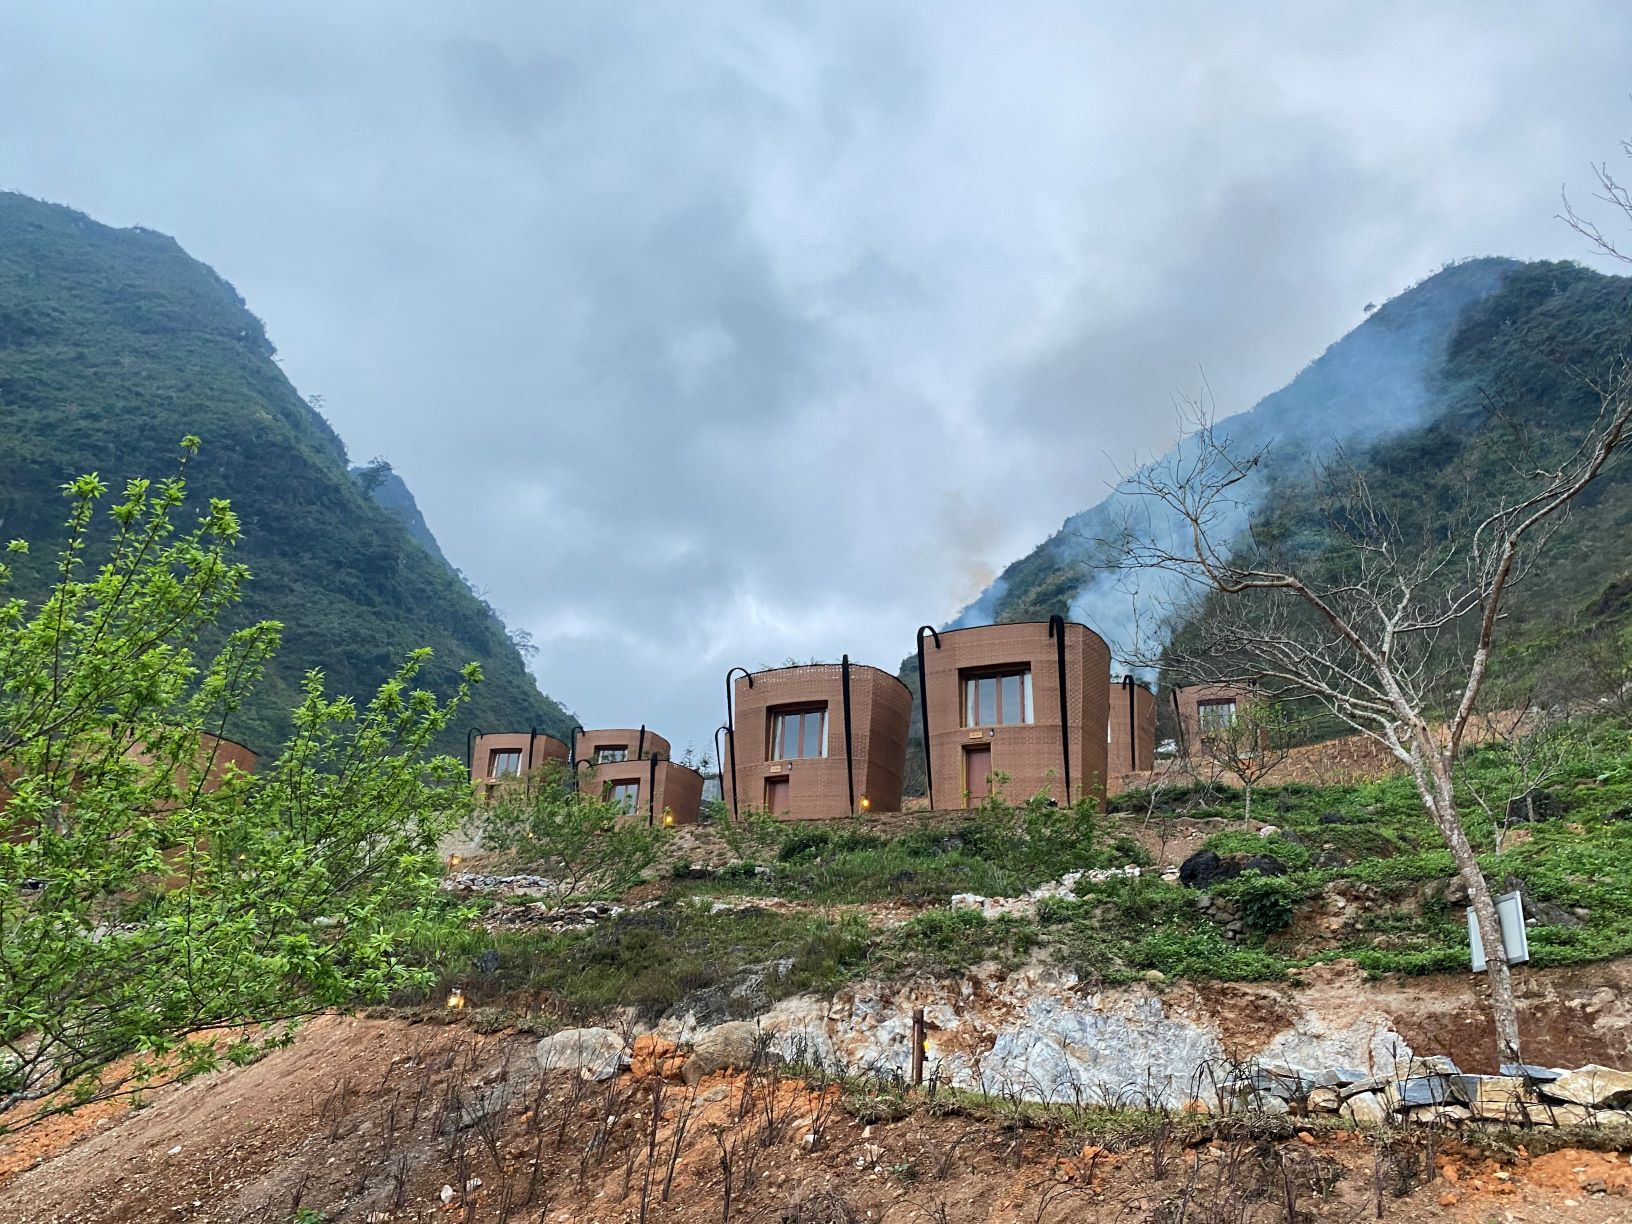 Hình ảnh Khu nghỉ dưỡng ở H' Mông Village Resort mô phỏng những chiếc gùi